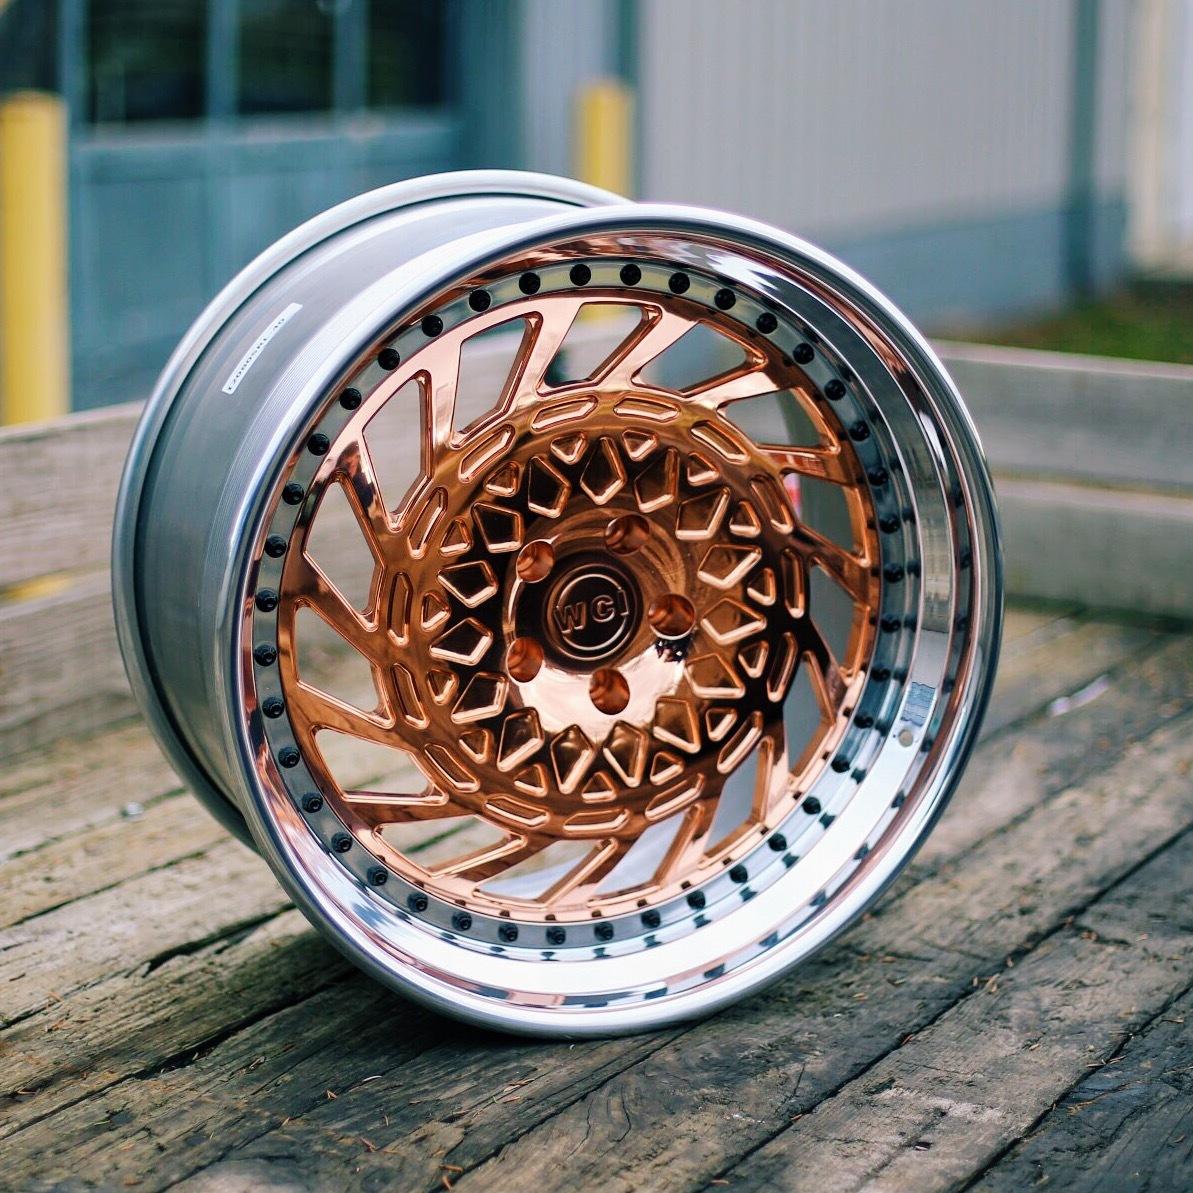 WATERCOOLED BP1 forged wheels